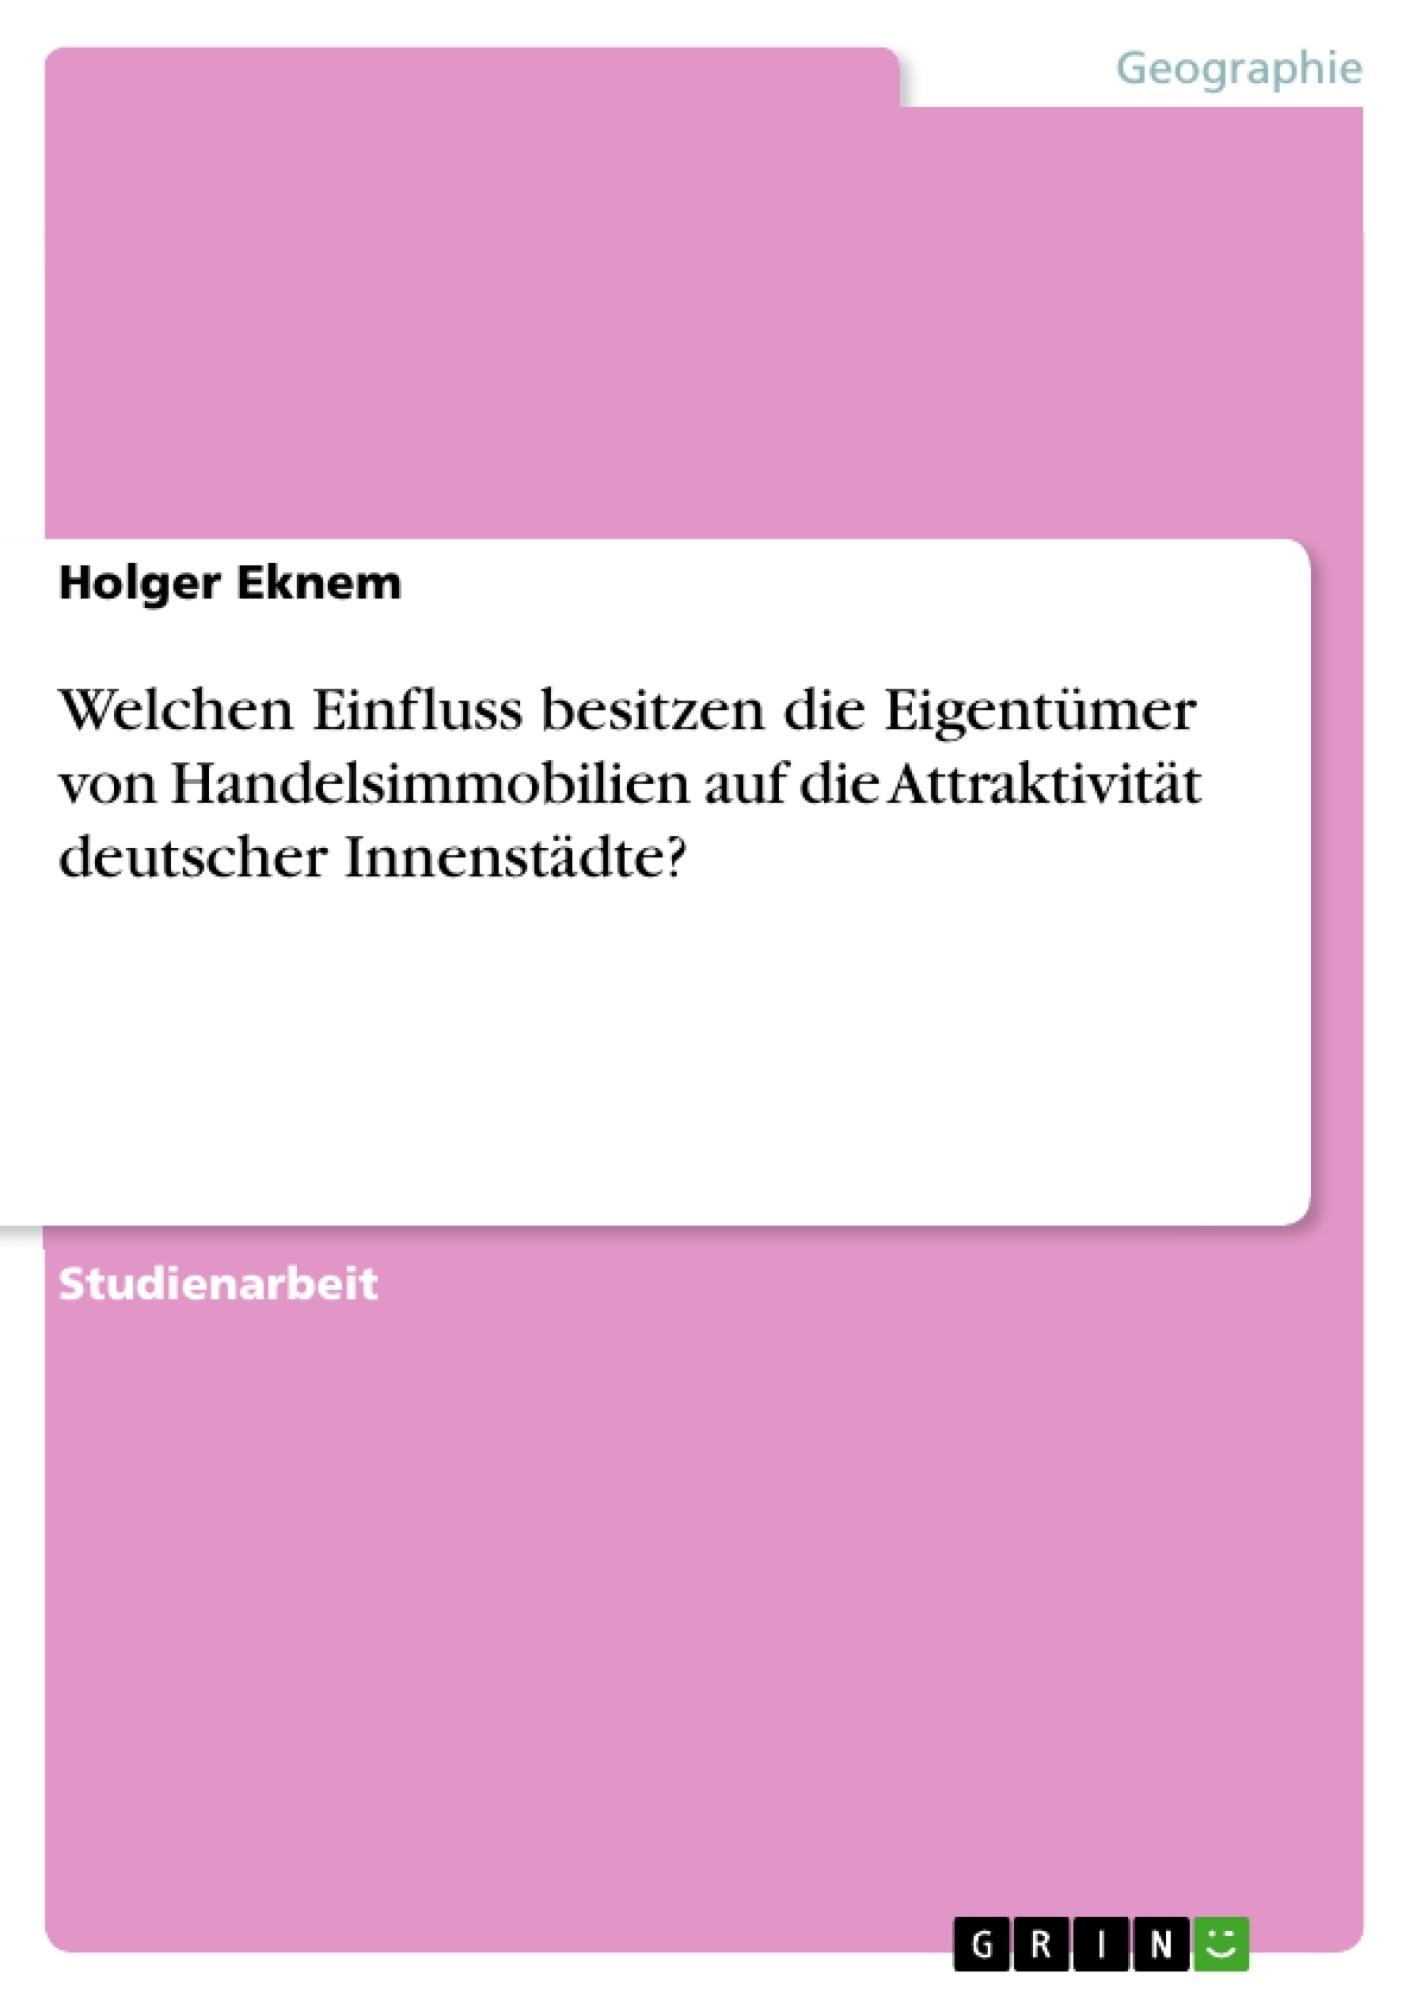 Titel: Welchen Einfluss besitzen die Eigentümer von Handelsimmobilien auf die Attraktivität deutscher Innenstädte?